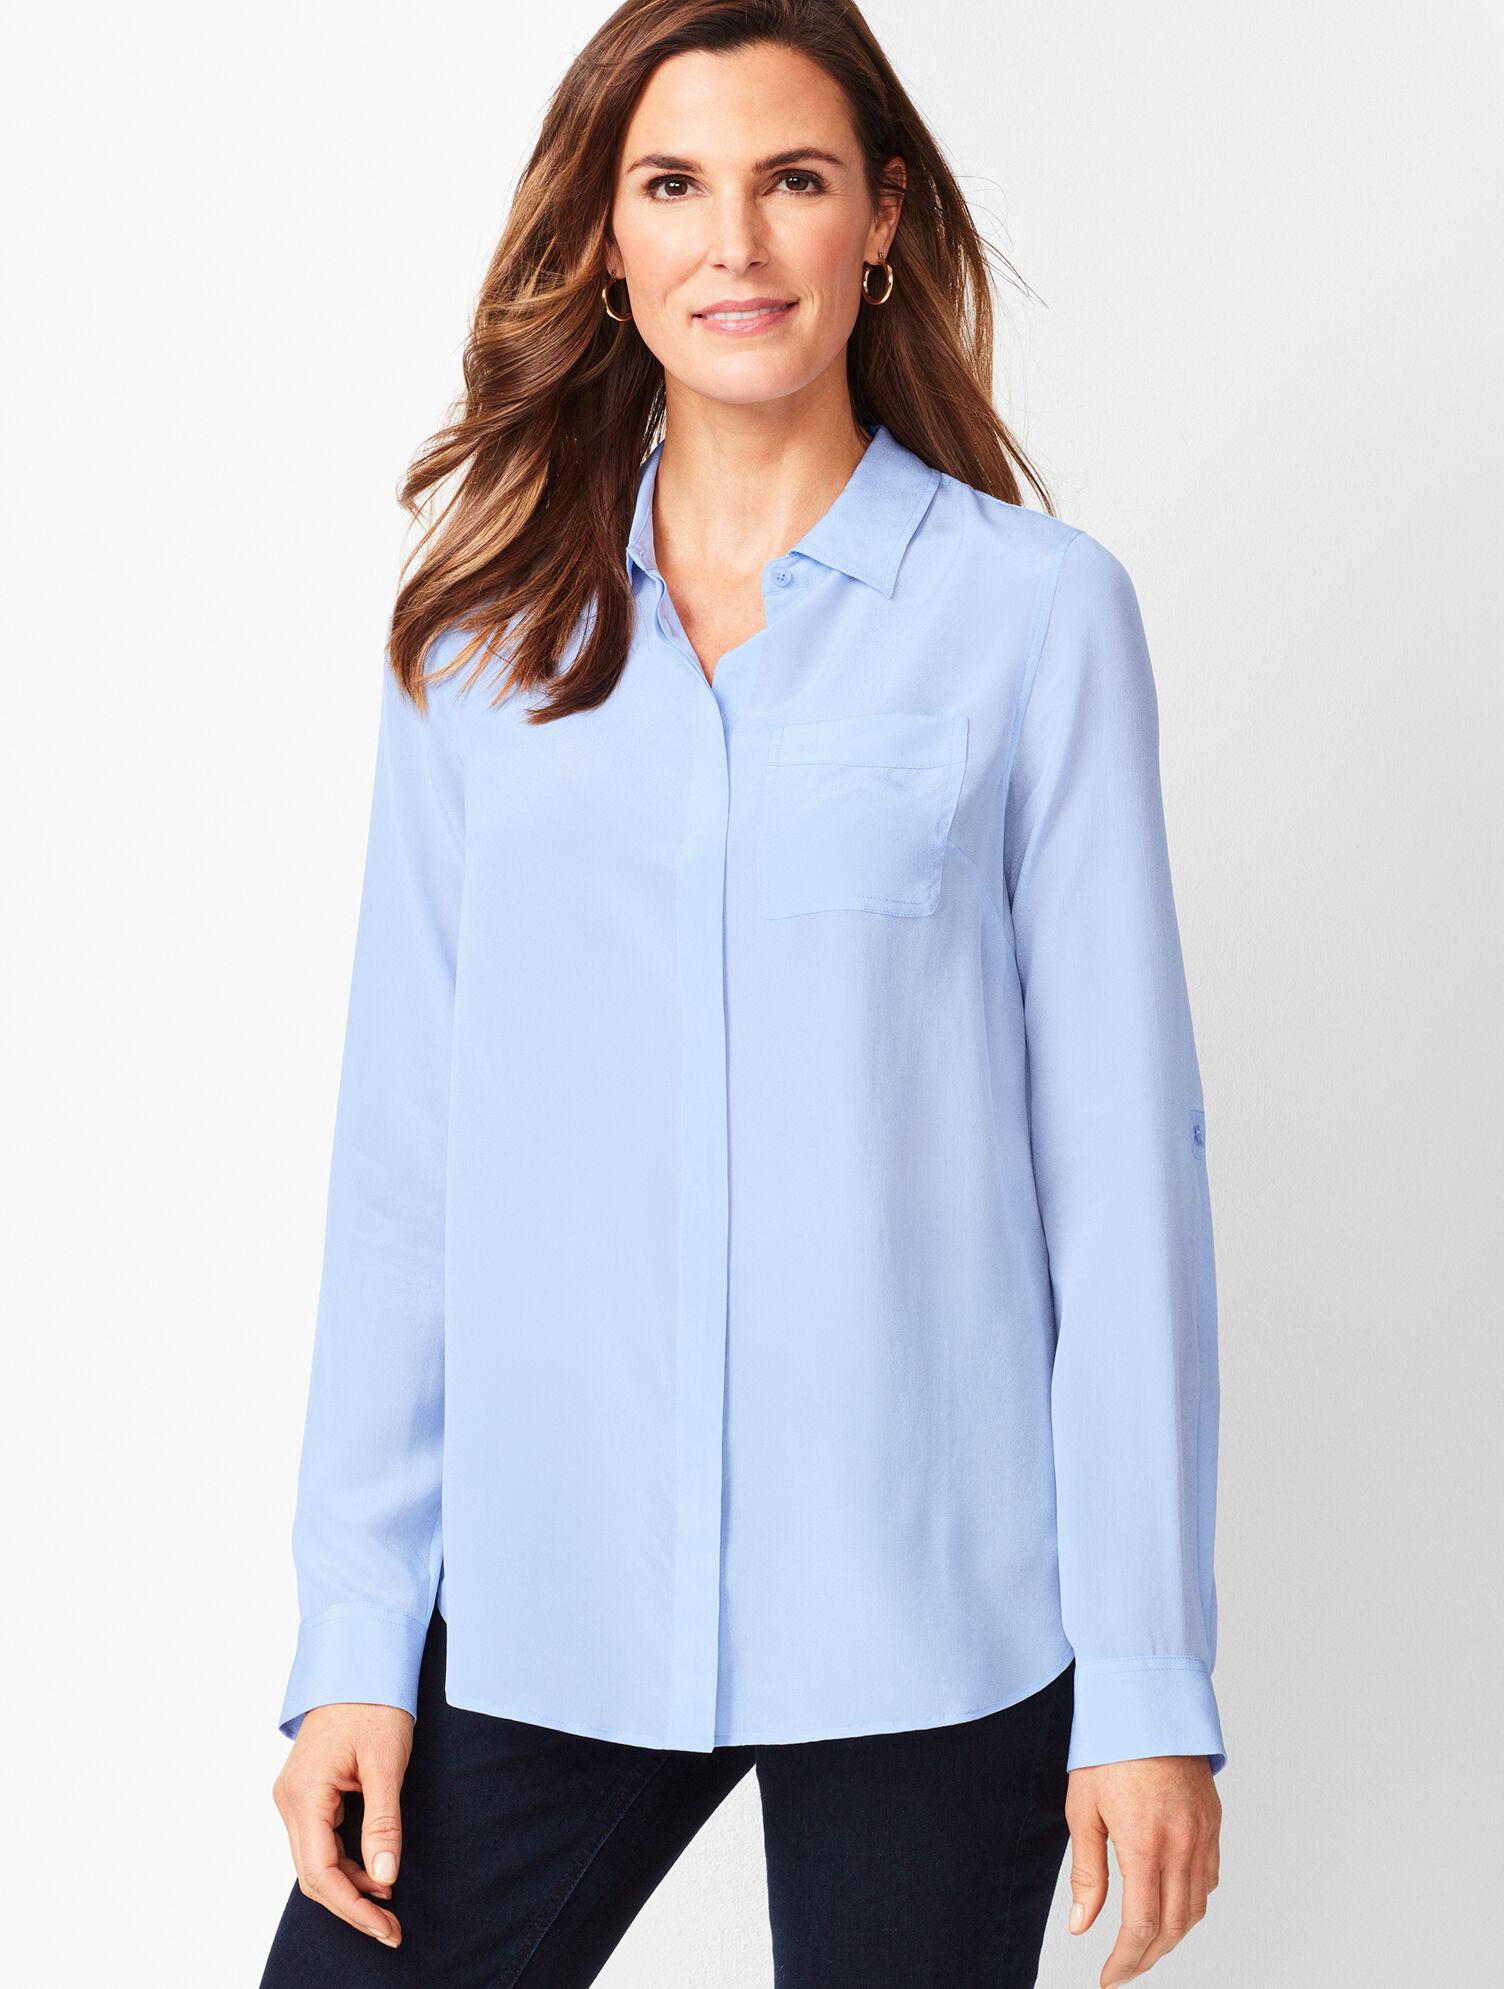 silk button up shirt womens